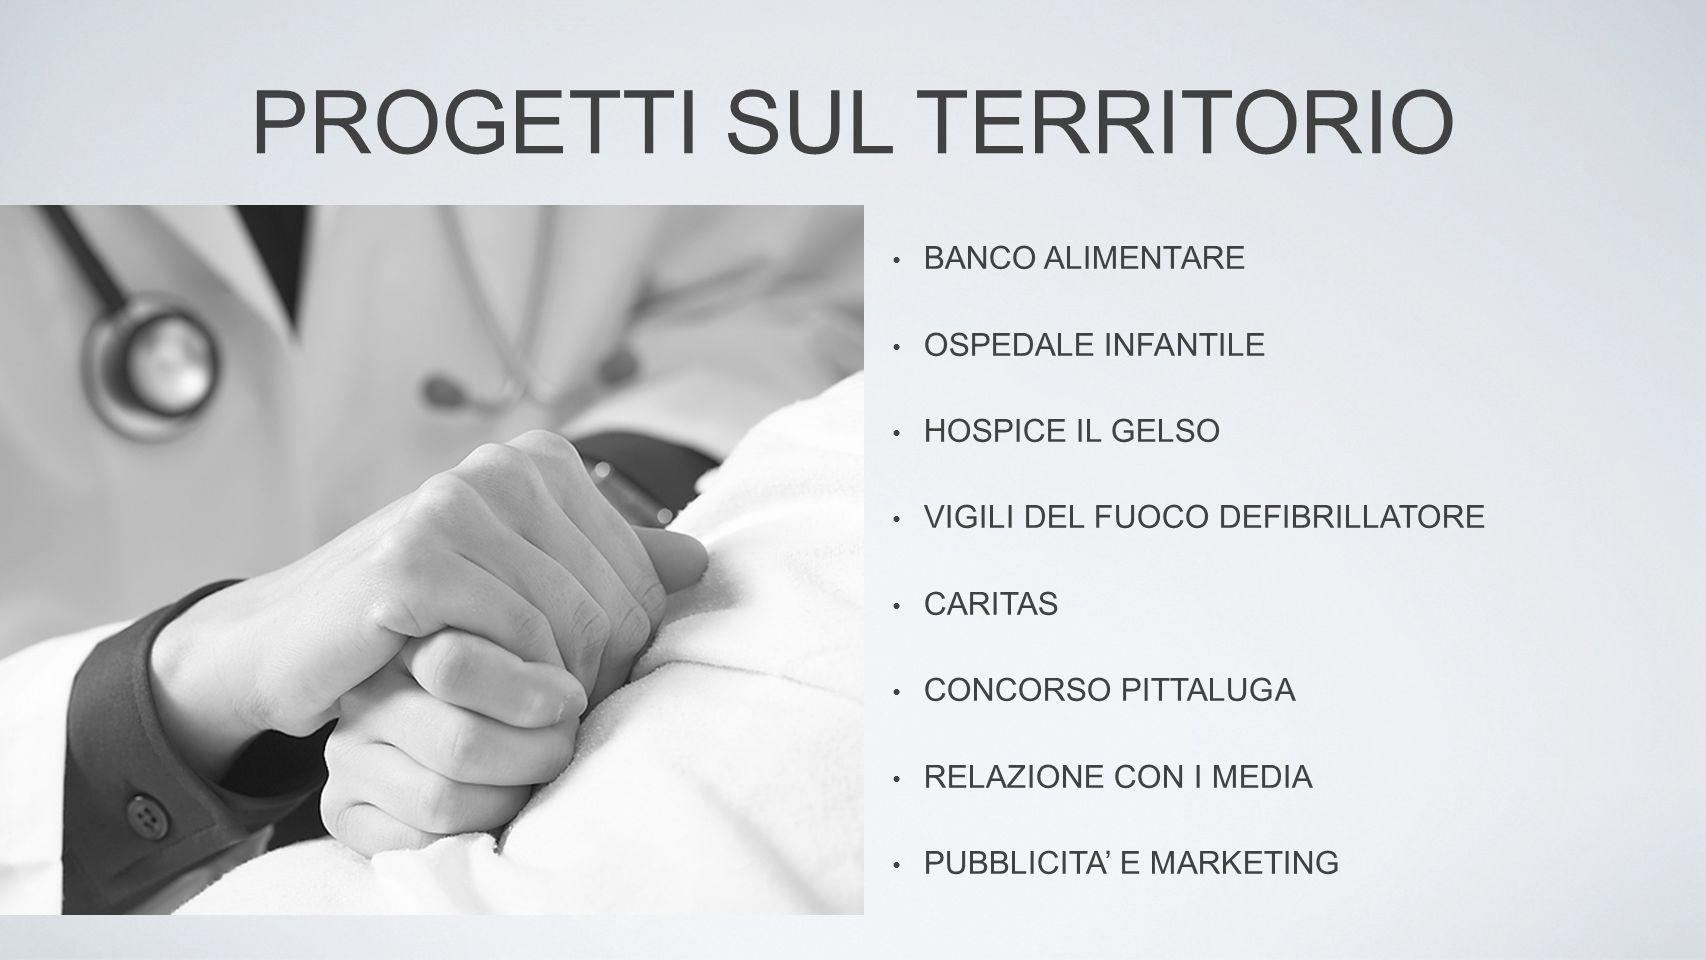 PROGETTI SUL TERRITORIO BANCO ALIMENTARE OSPEDALE INFANTILE HOSPICE IL GELSO VIGILI DEL FUOCO DEFIBRILLATORE CARITAS CONCORSO PITTALUGA RELAZIONE CON I MEDIA PUBBLICITA' E MARKETING